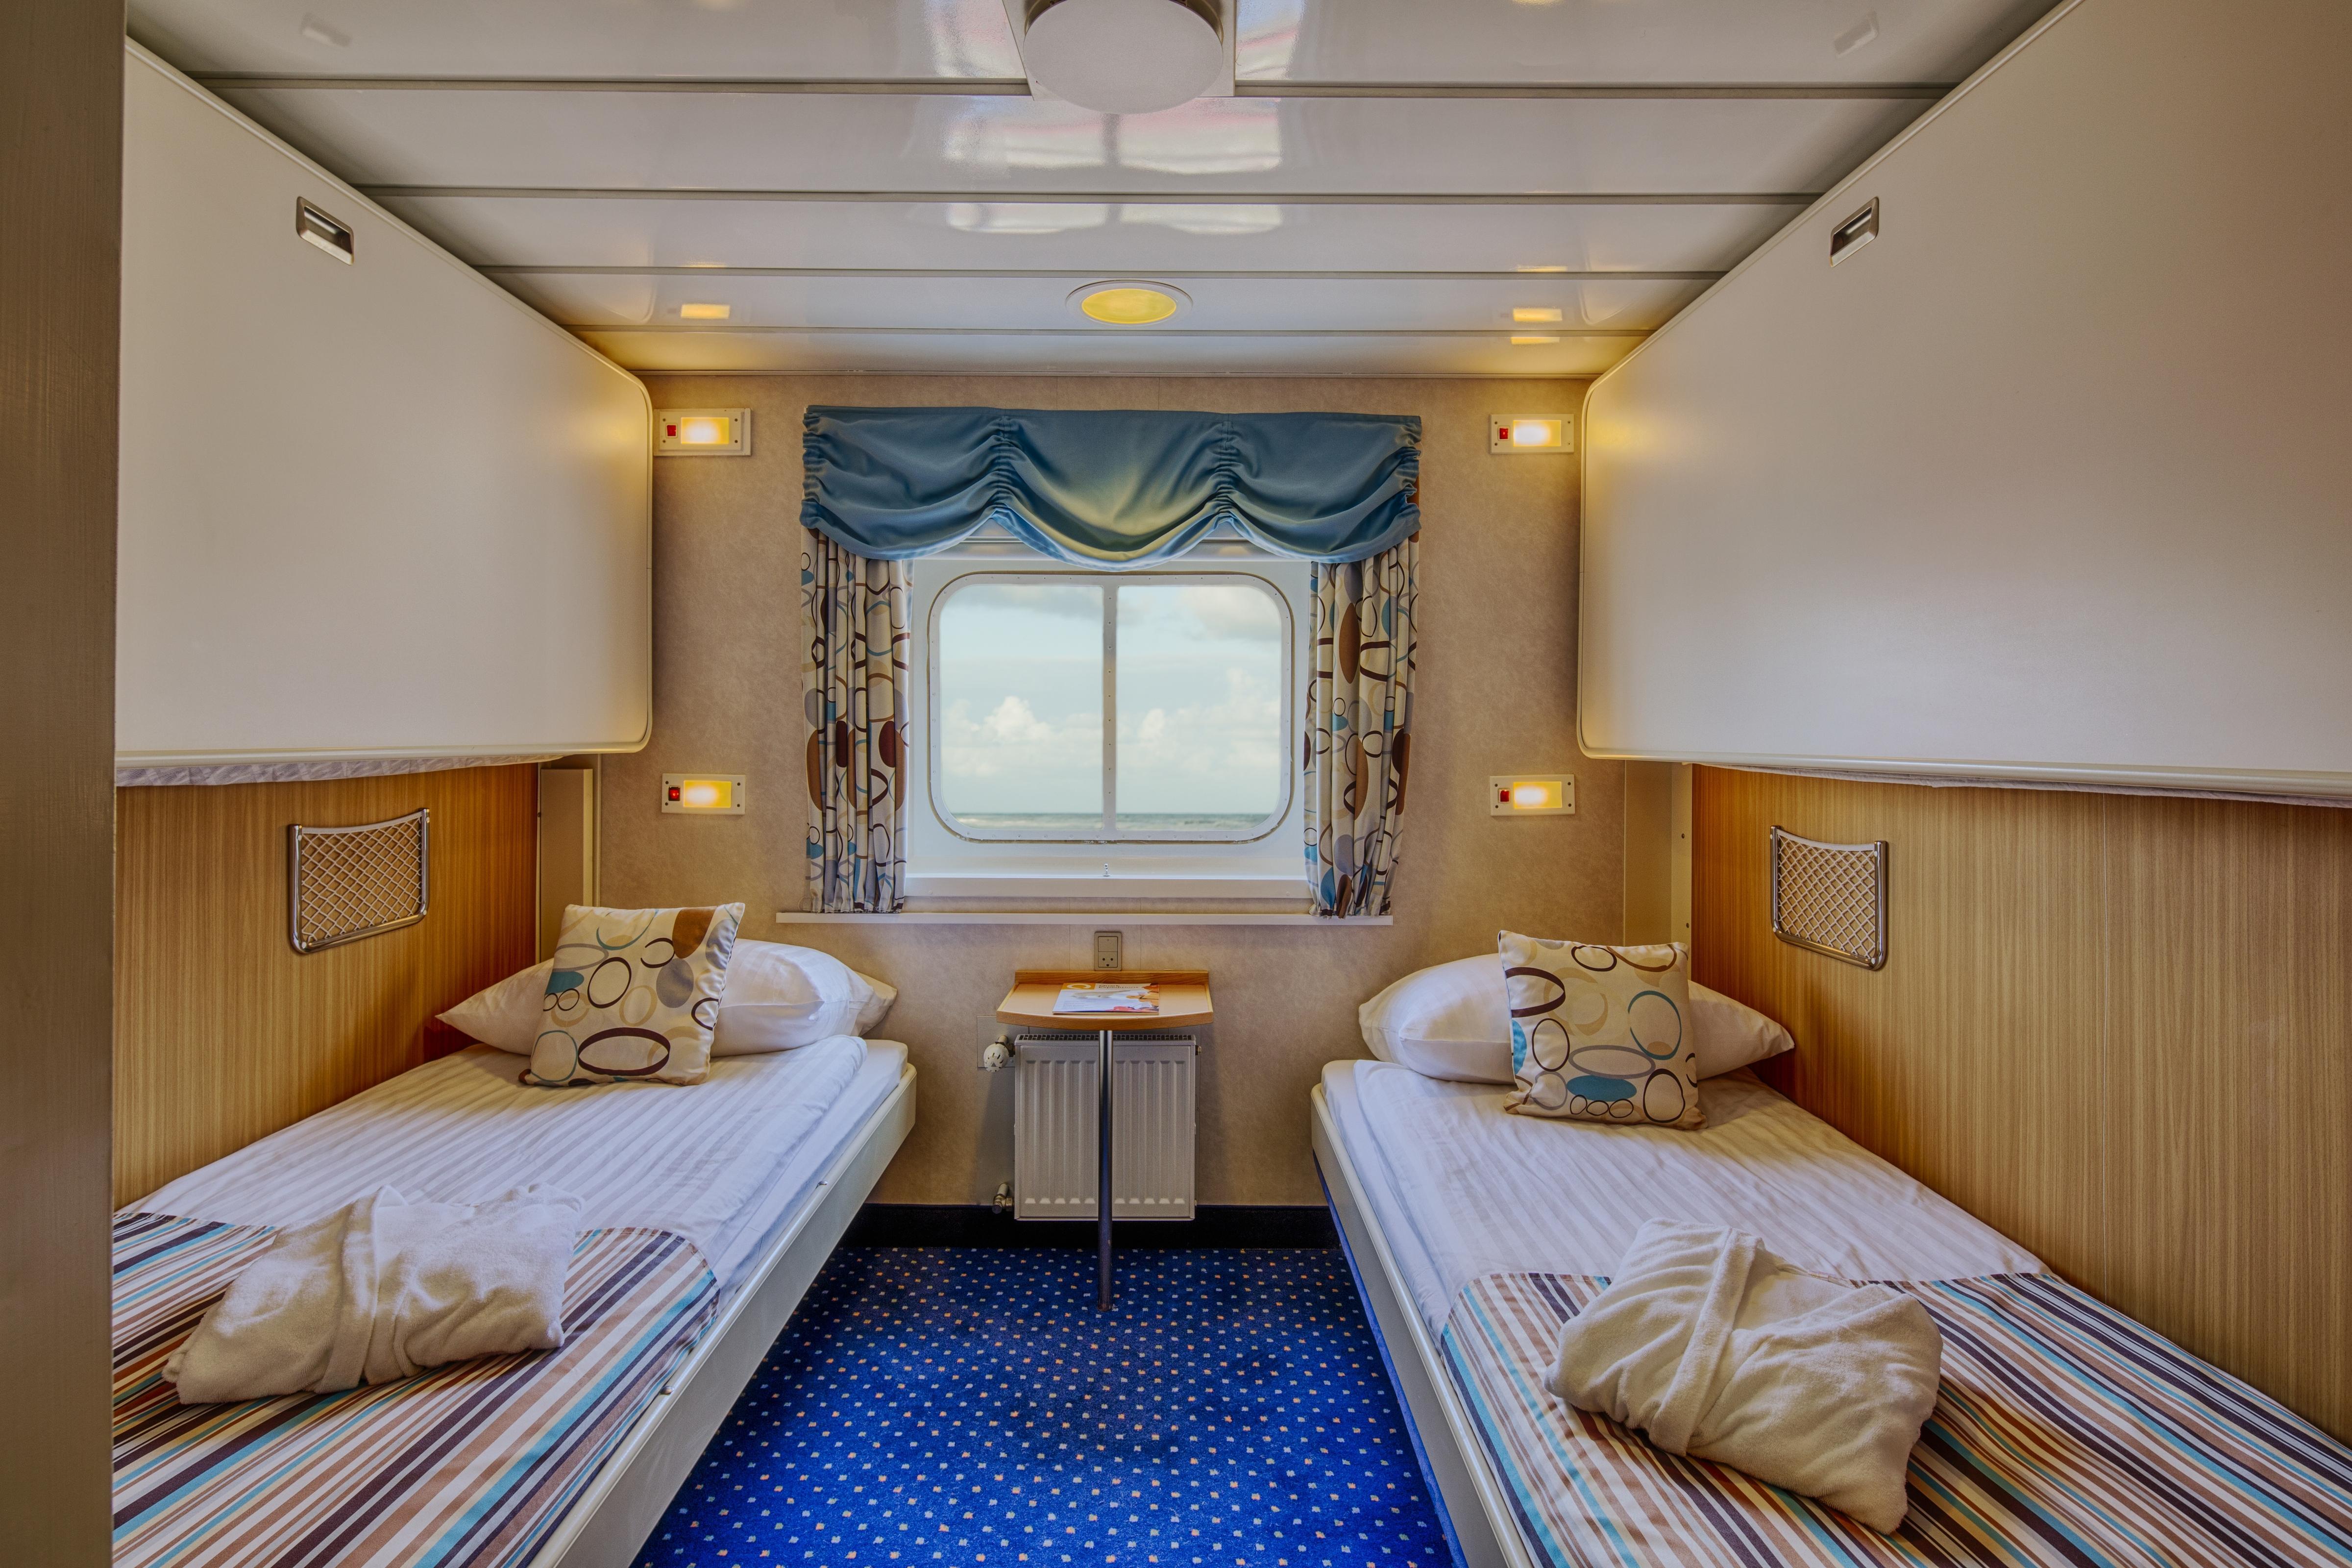 Hotel Nova Kd Comfort Classic Antarctica Fly Cruise Ocean Nova